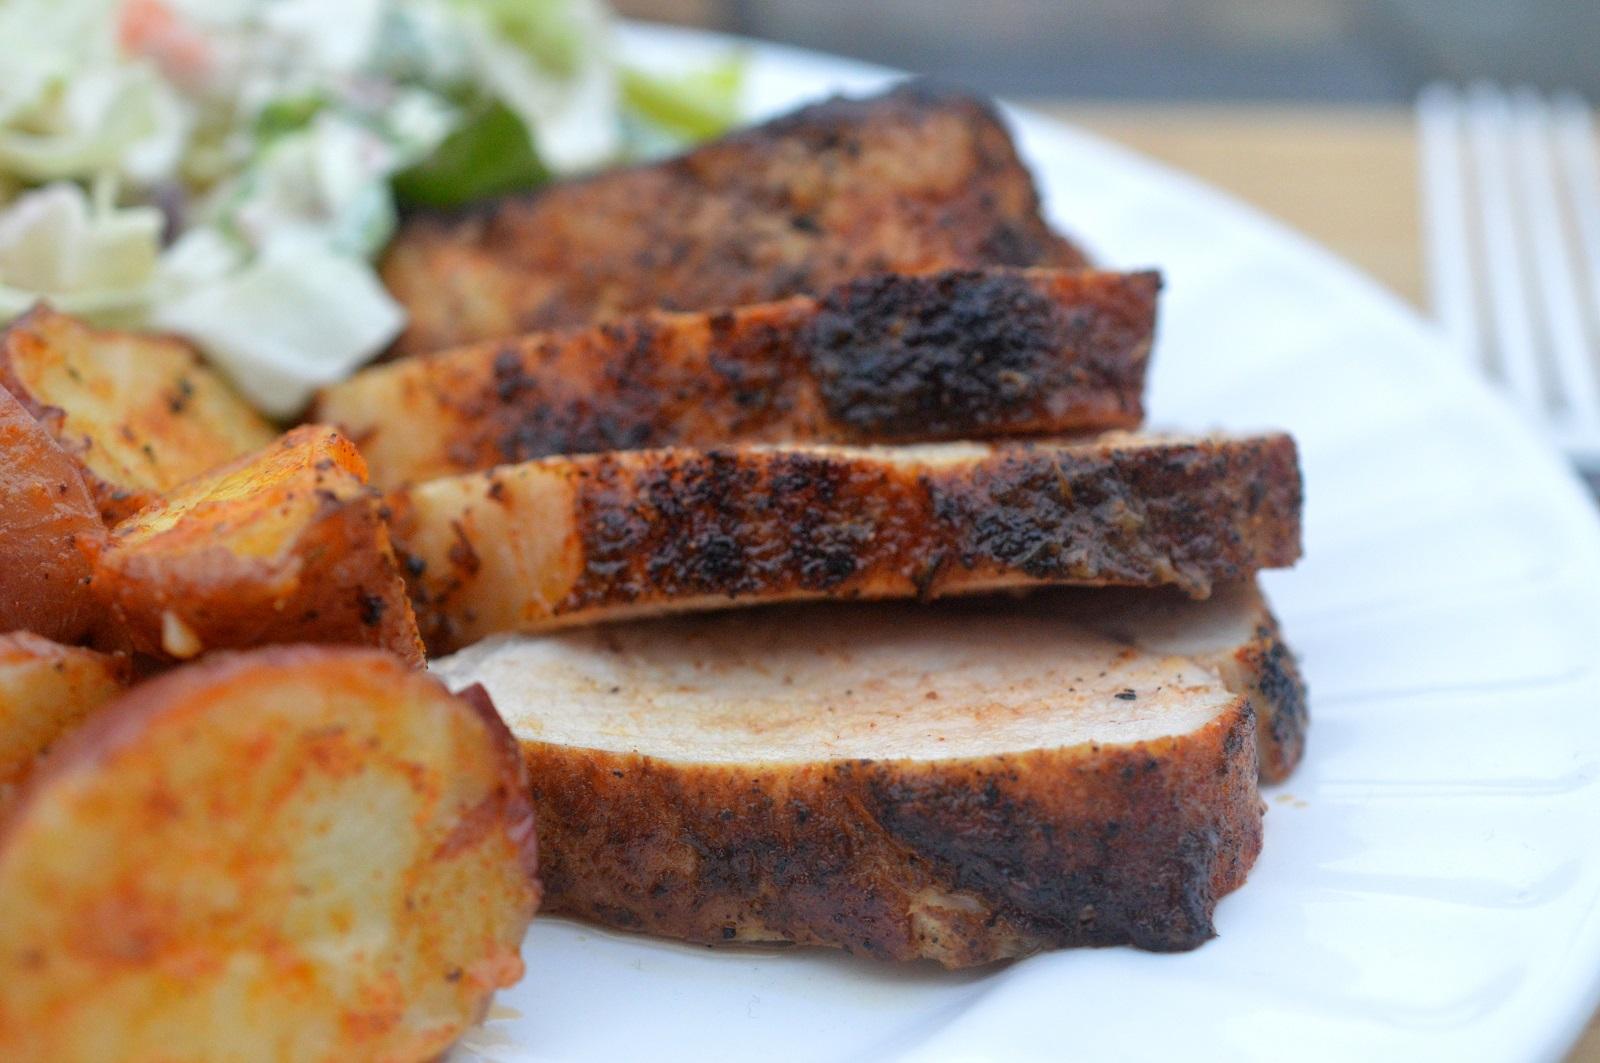 Blackened Pork Tenderloin 30 Minute Meal